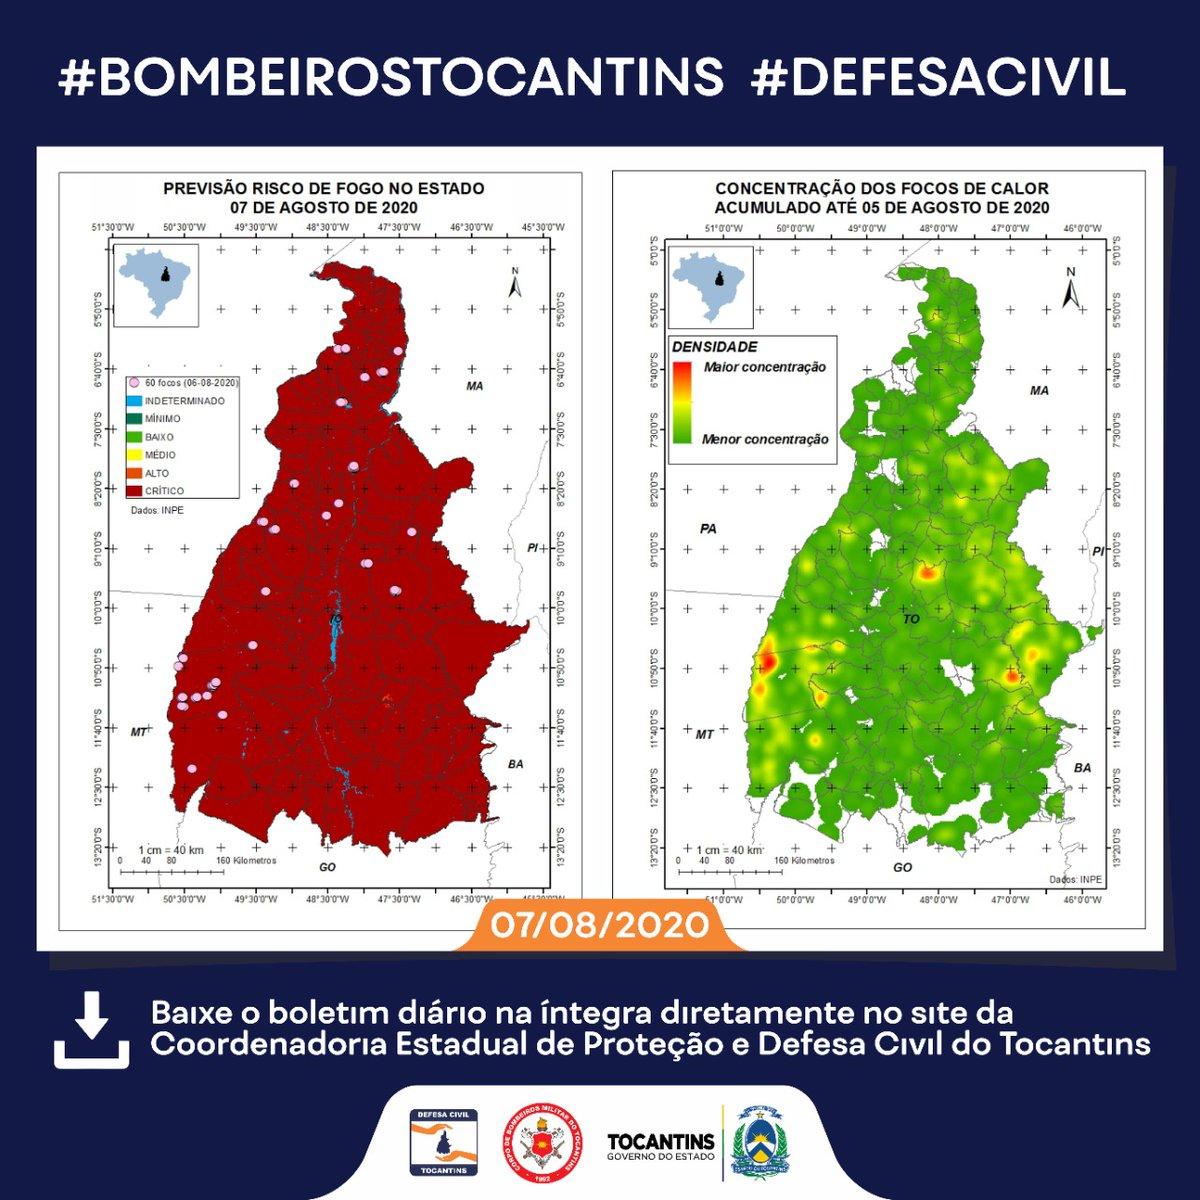 Baixe o boletim diário na íntegra diretamente no site da  Coordenadoria Estadual de Proteção e Defesa Civil do Tocantins:  https://t.co/EKSZyGuAu2  #defesacivil #boletim #protecao #combate #tocantins https://t.co/dLHUkubJTx